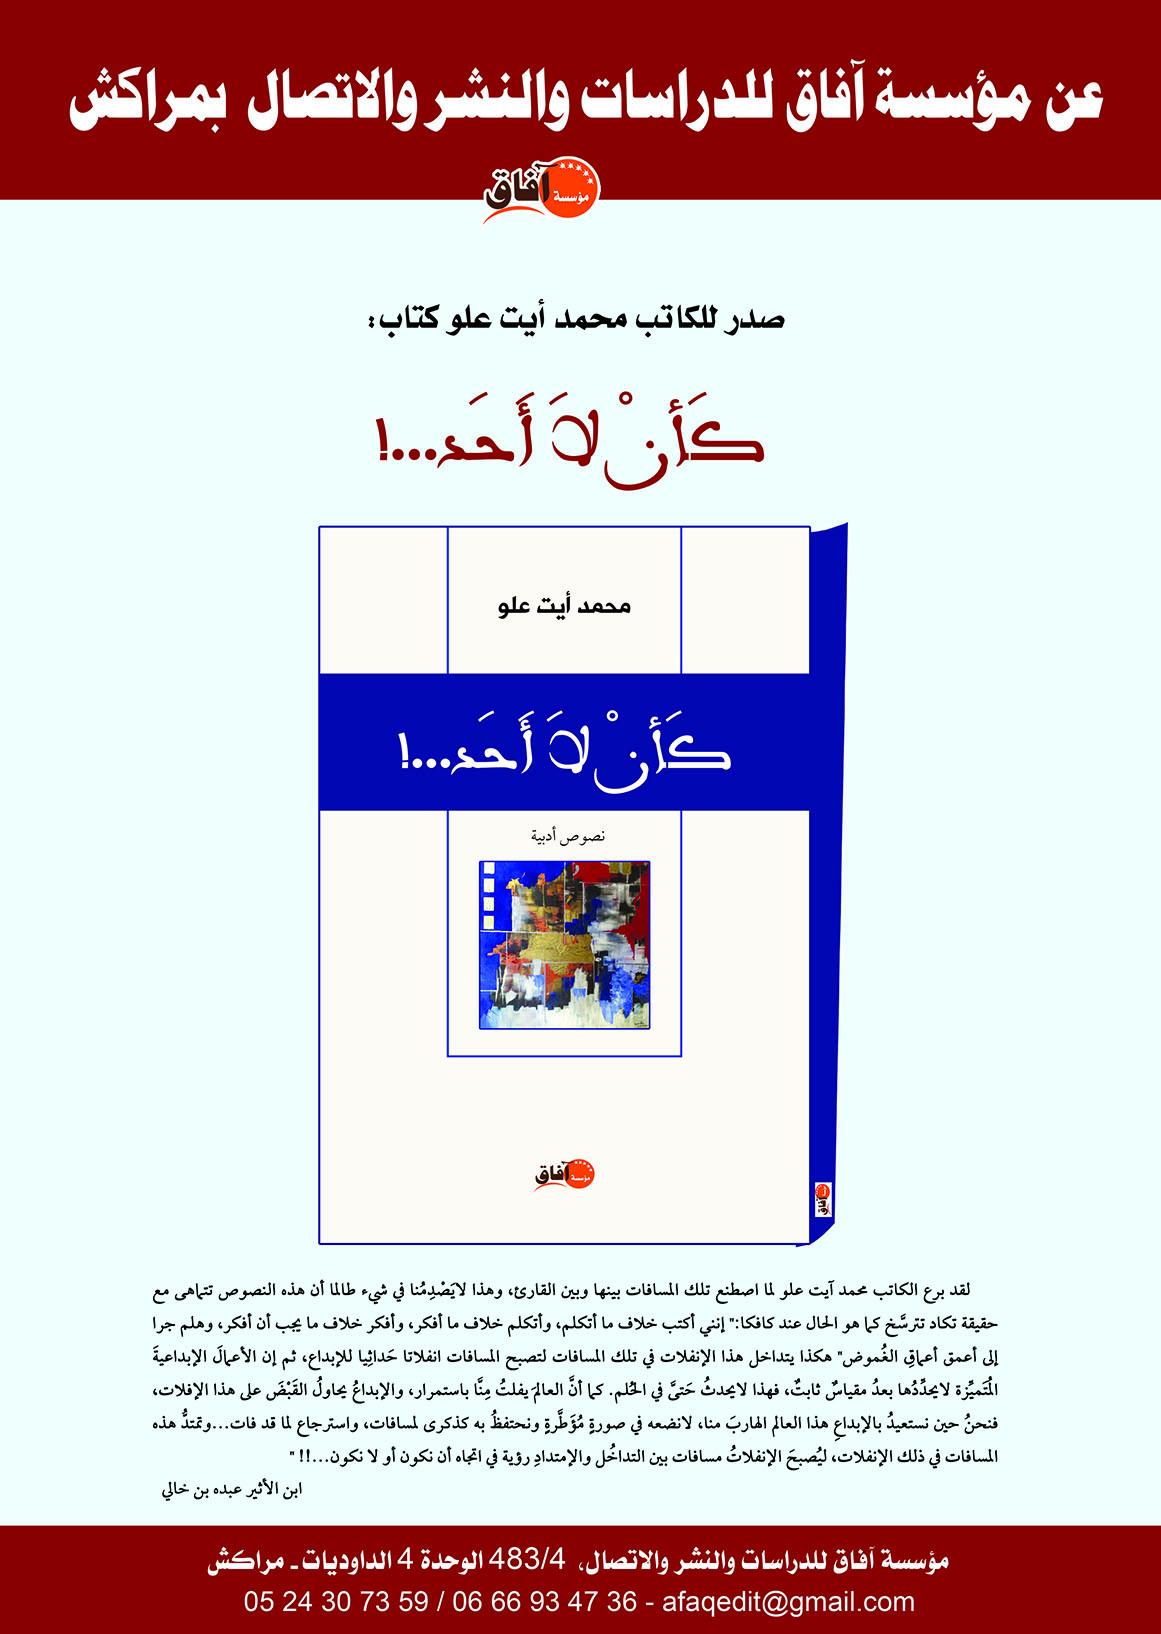 """قراءة في منجز المؤلَّف الجديد للكاتب المغربي محمد آيت علو """"كـأَنْ لا أَحَدْ"""""""